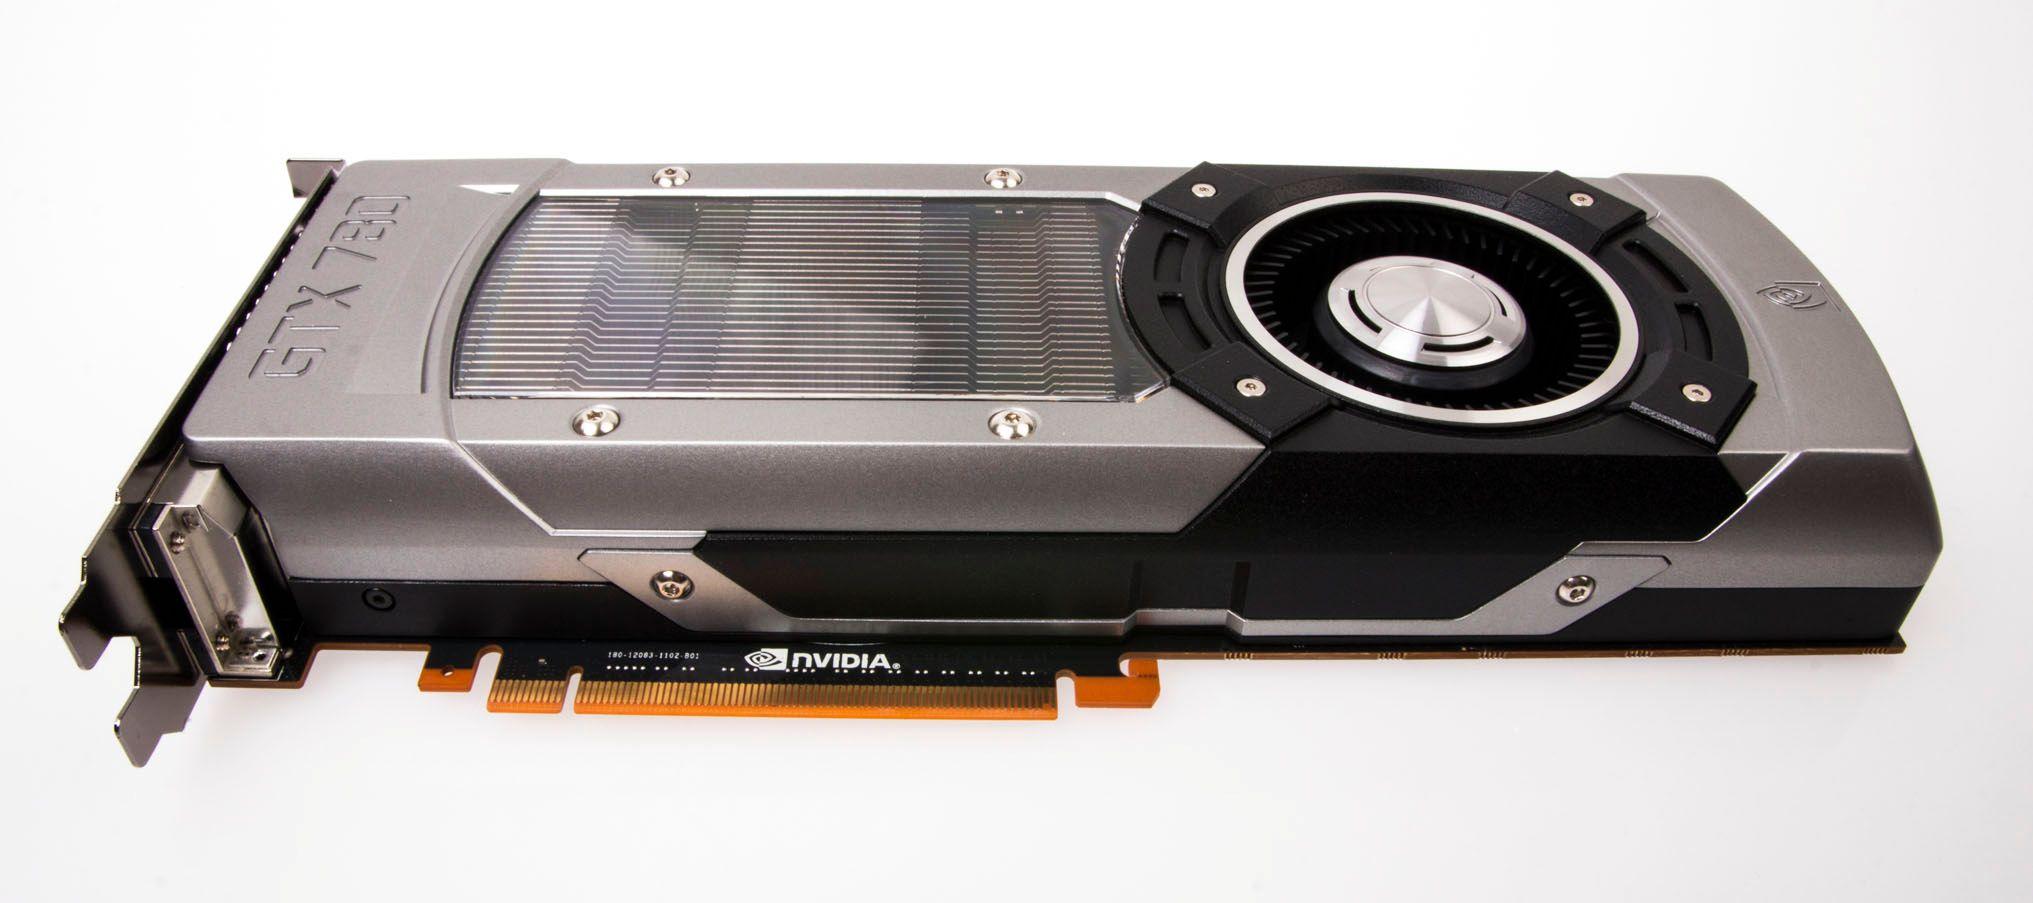 Nvidia GeForce GTX 780 er til forveksling lik GeForce GTX Titan, og veier 928 gram – kun 15 gram mindre enn storebroren.Foto: Varg Aamo, Hardware.no